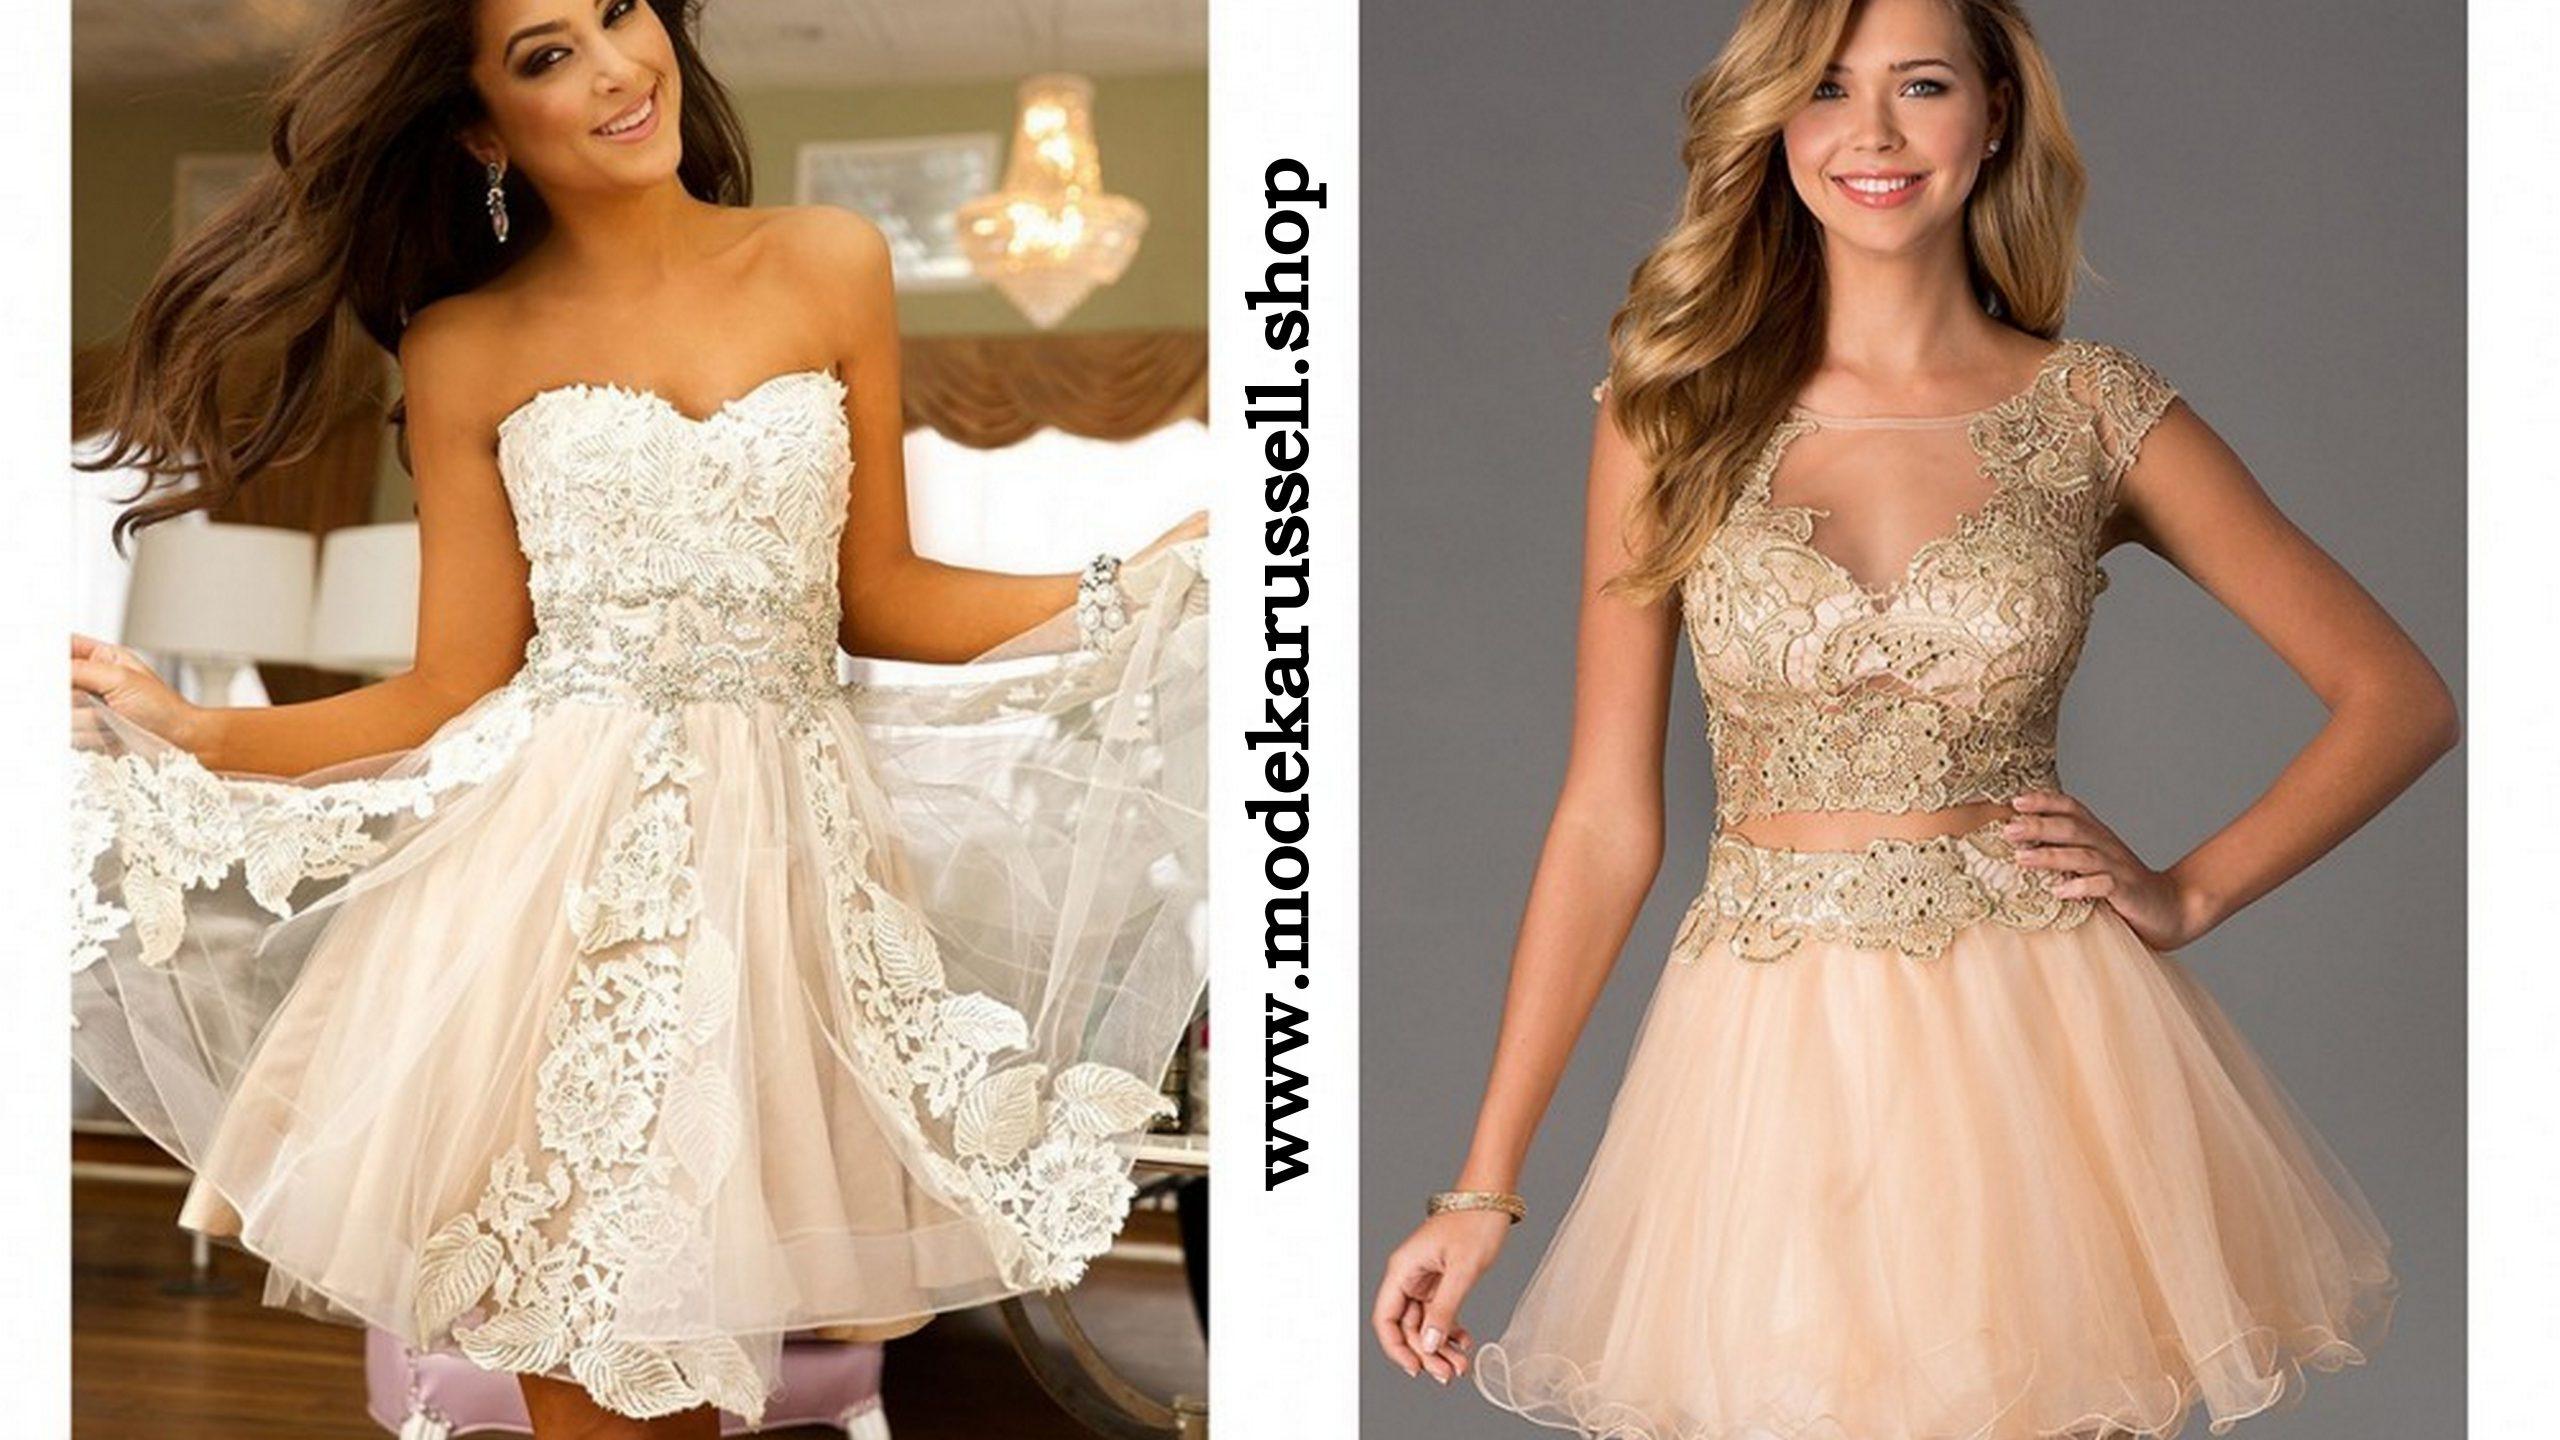 10 Spektakulär Kleid Für Abend Bester Preis13 Coolste Kleid Für Abend Spezialgebiet